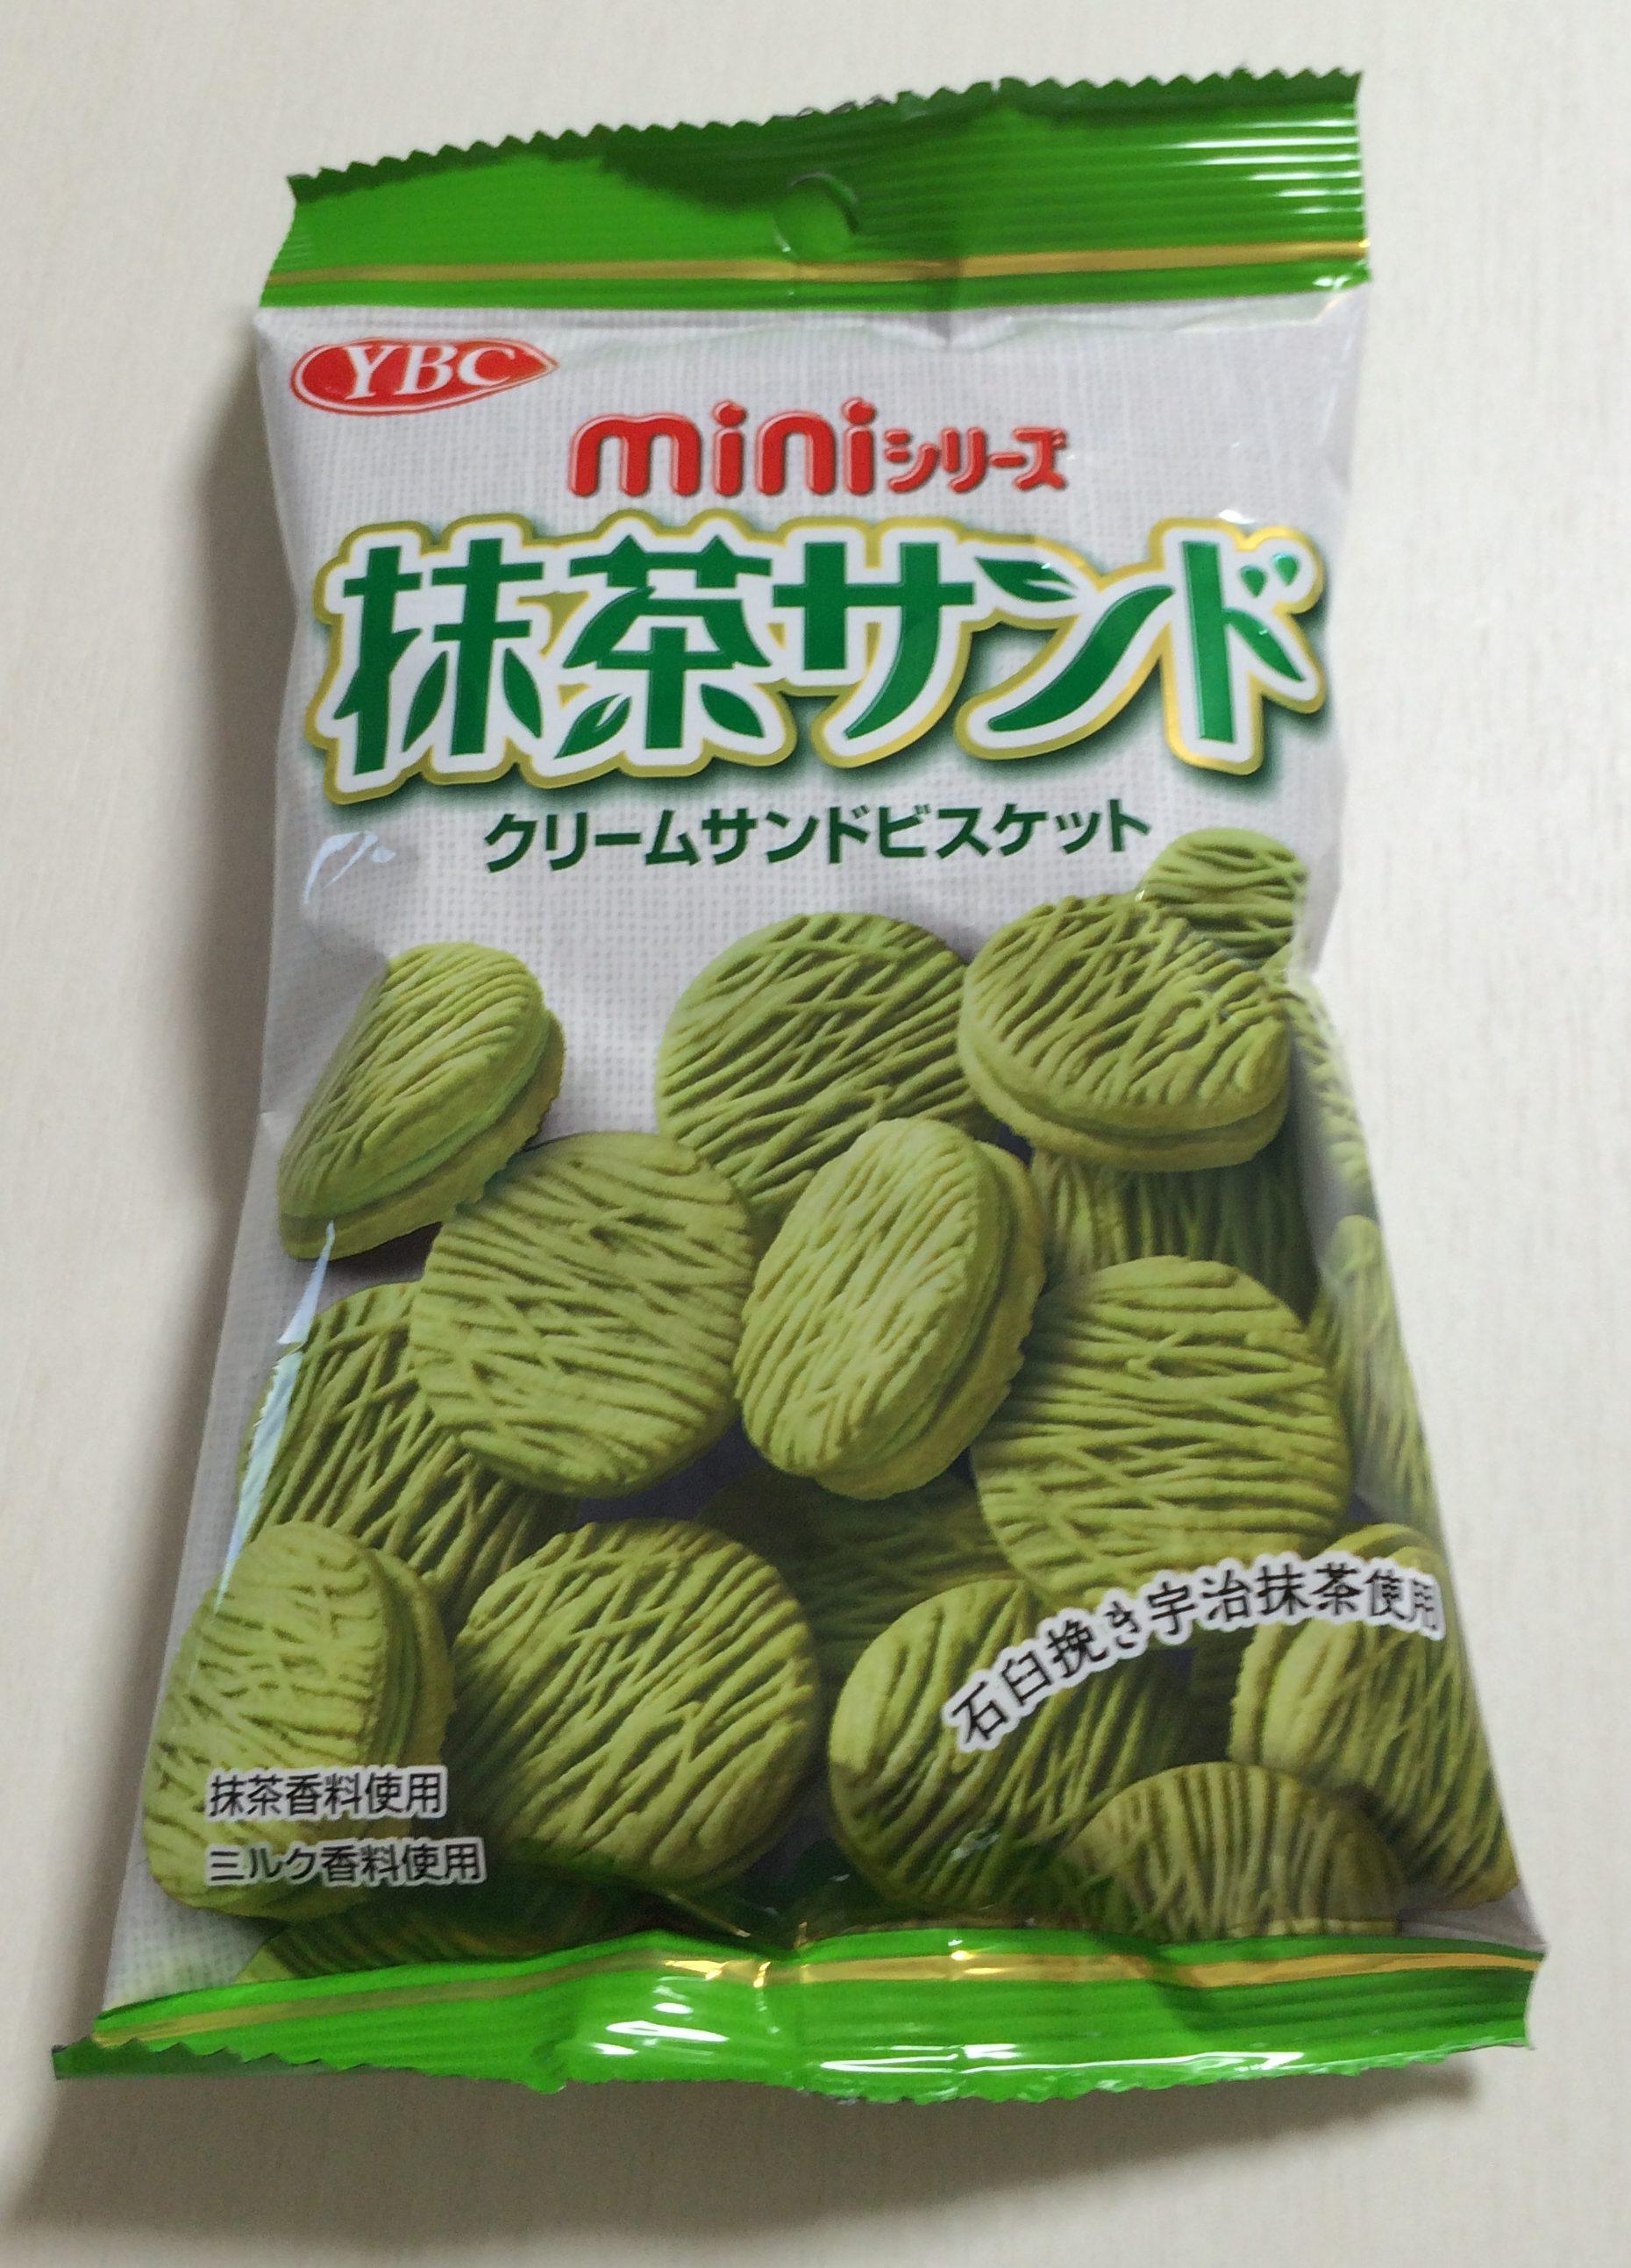 【ヤマザキビスケット】抹茶サンドミニ 食べた感想